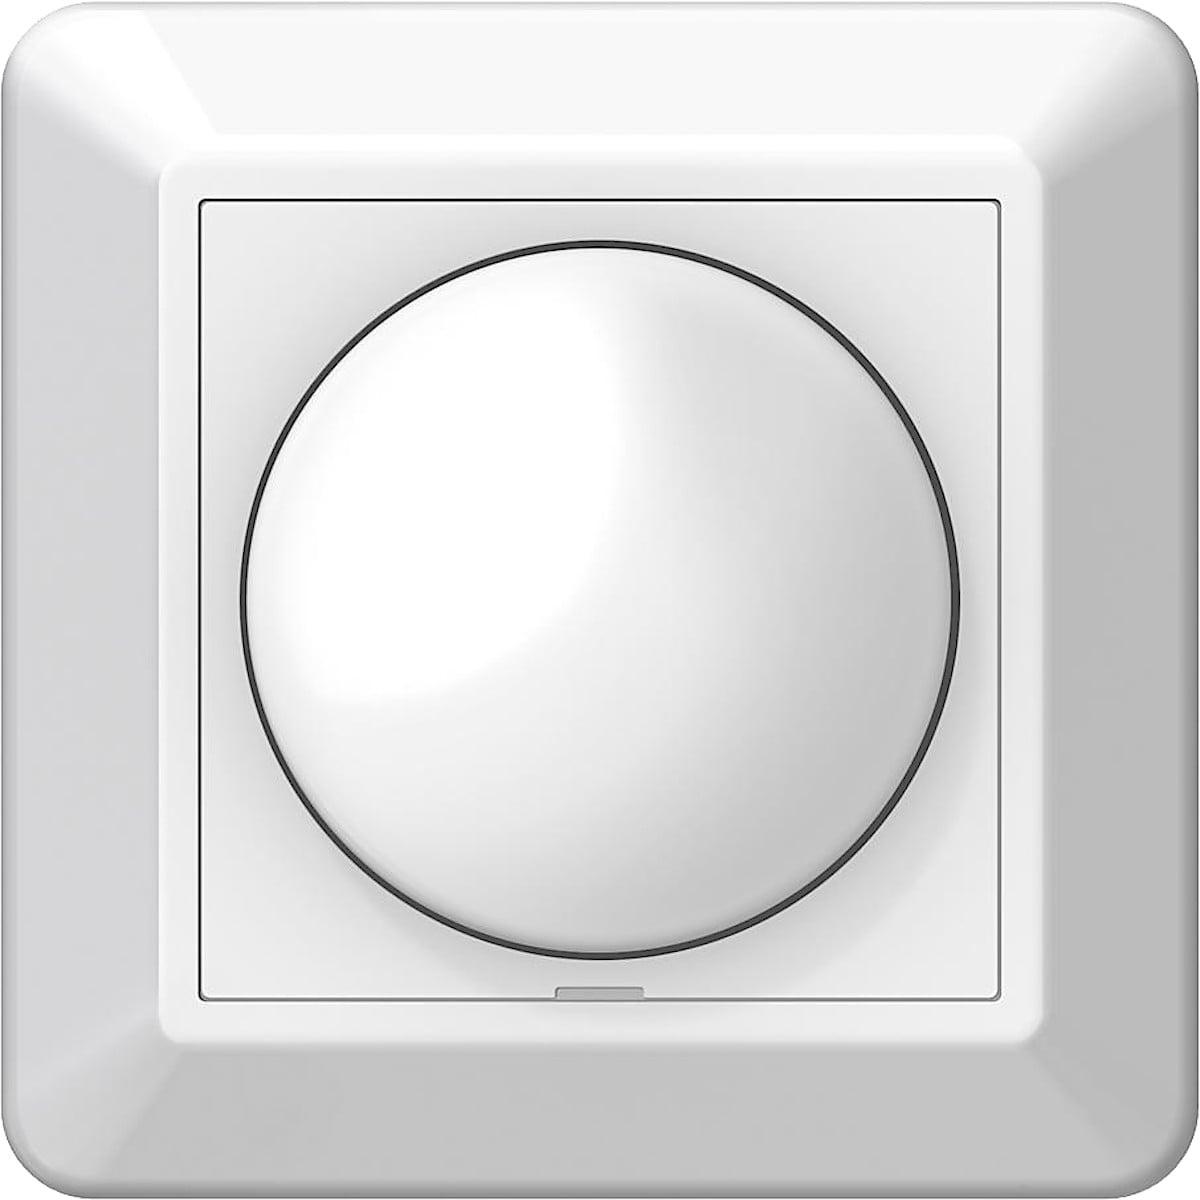 LED-dimmer 100 VA ELKO RS EKO07015